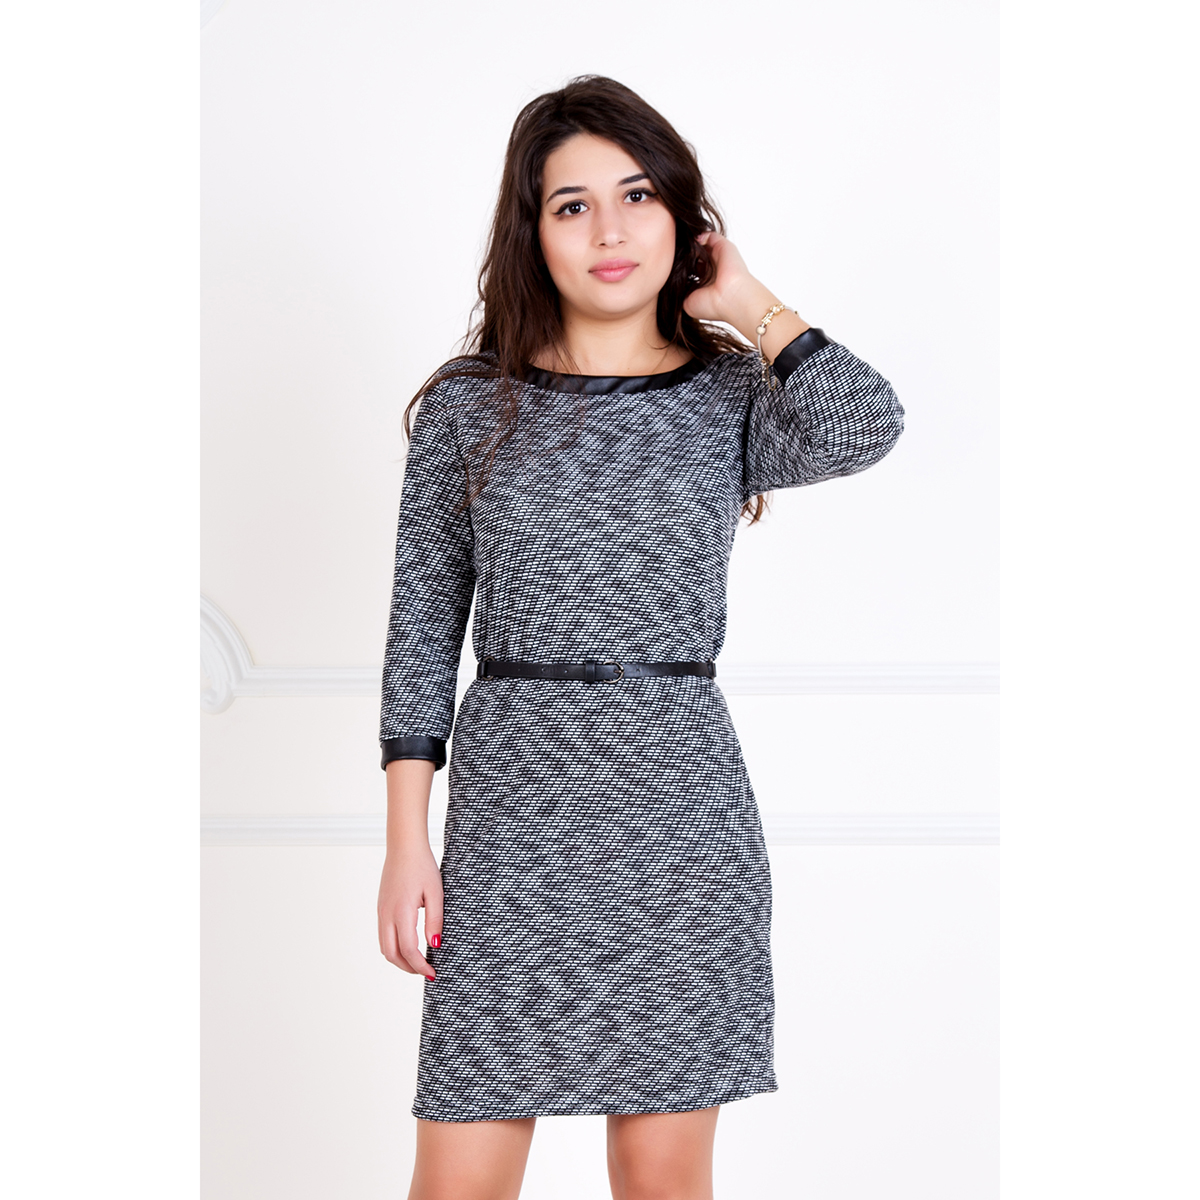 Женское платье Рената, размер 44Платья<br>Обхват груди:88 см<br>Обхват талии:68 см<br>Обхват бедер:96 см<br>Длина по спинке:84 см<br>Рост:167 см<br><br>Тип: Жен. платье<br>Размер: 44<br>Материал: Трикотаж